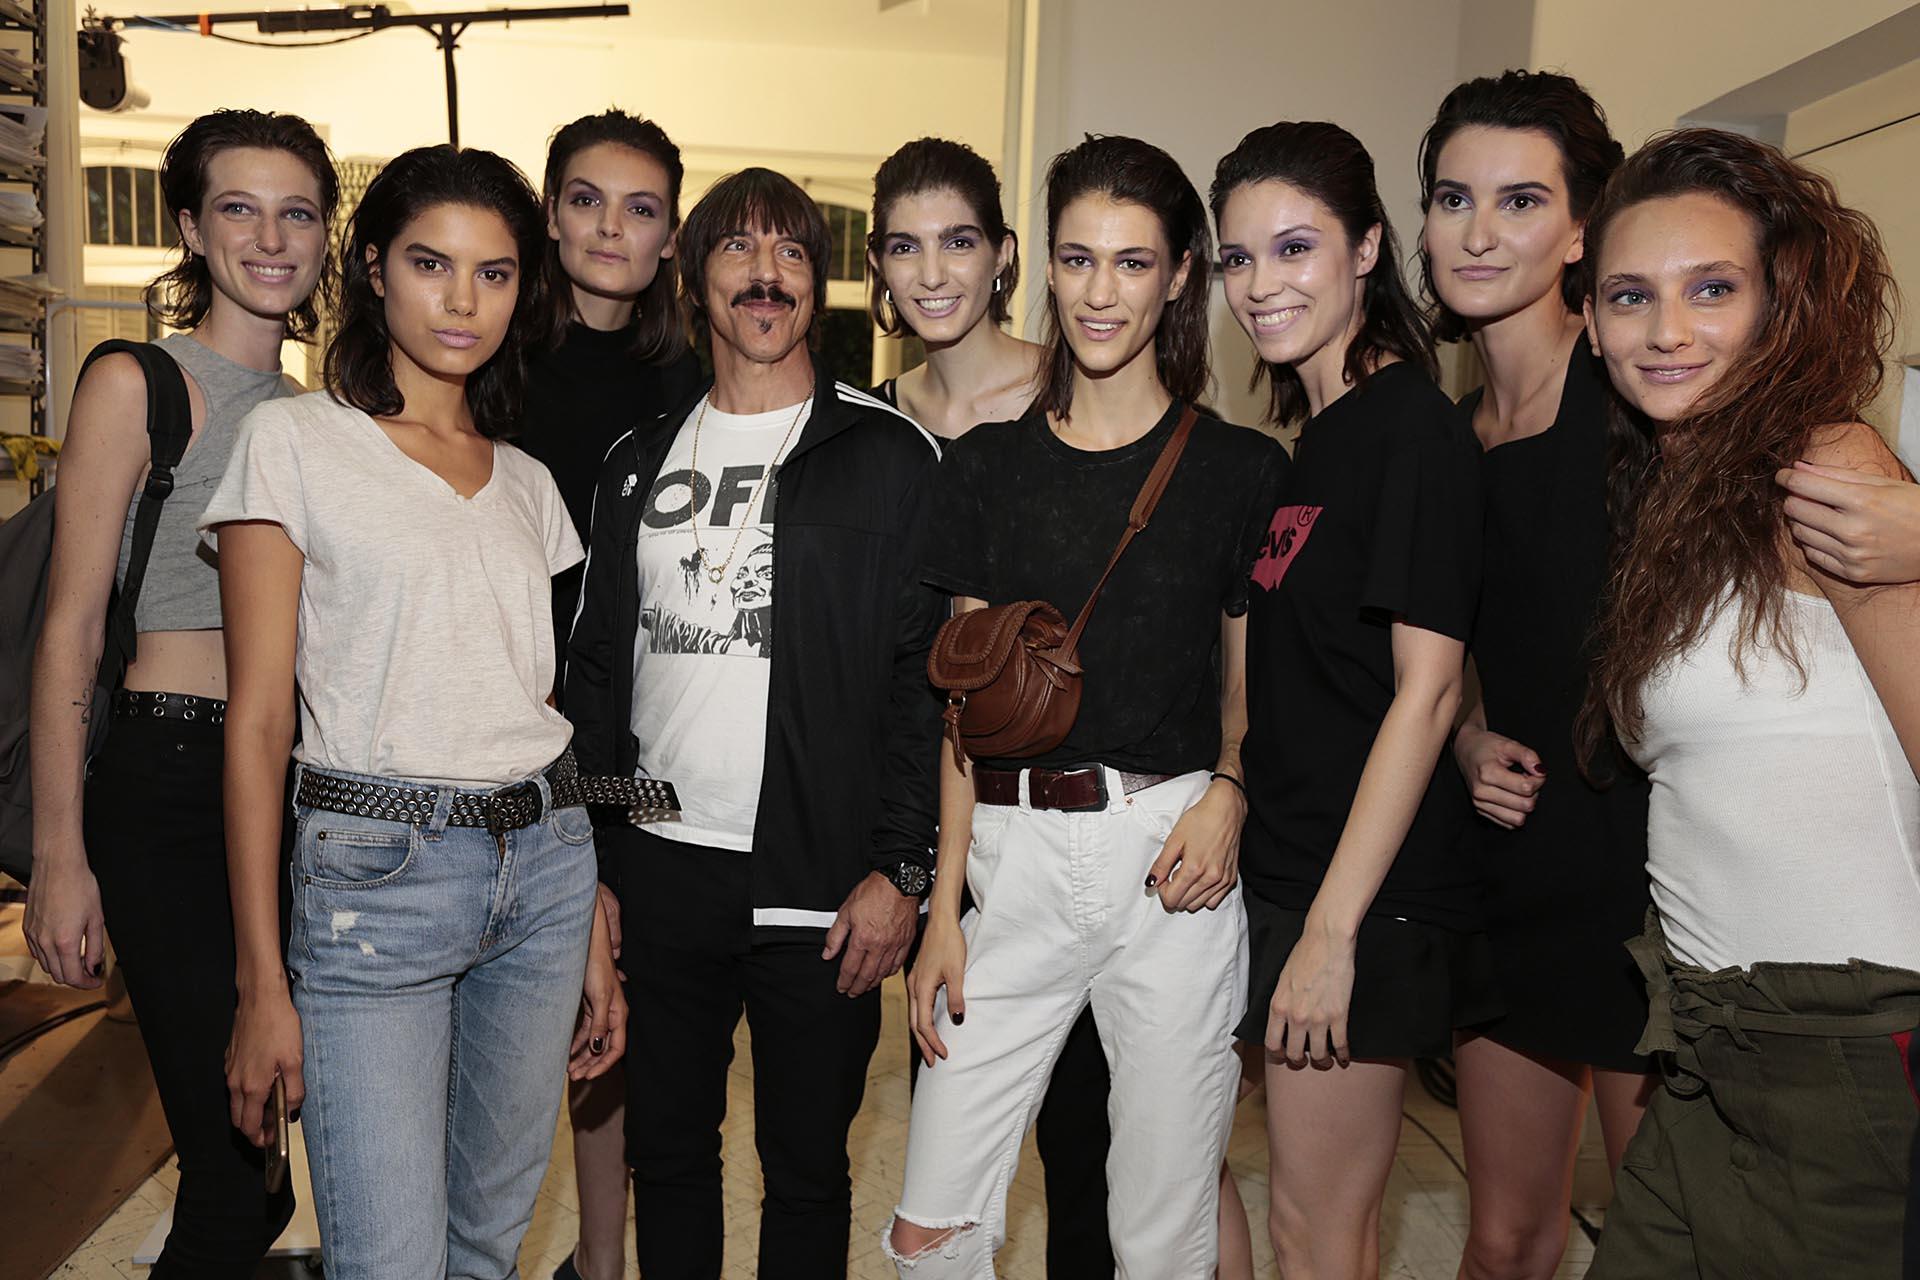 Anthony Kiedis se fotografió con todos inclusive con las modelos que defilaron en el show (Christian Bochichio)